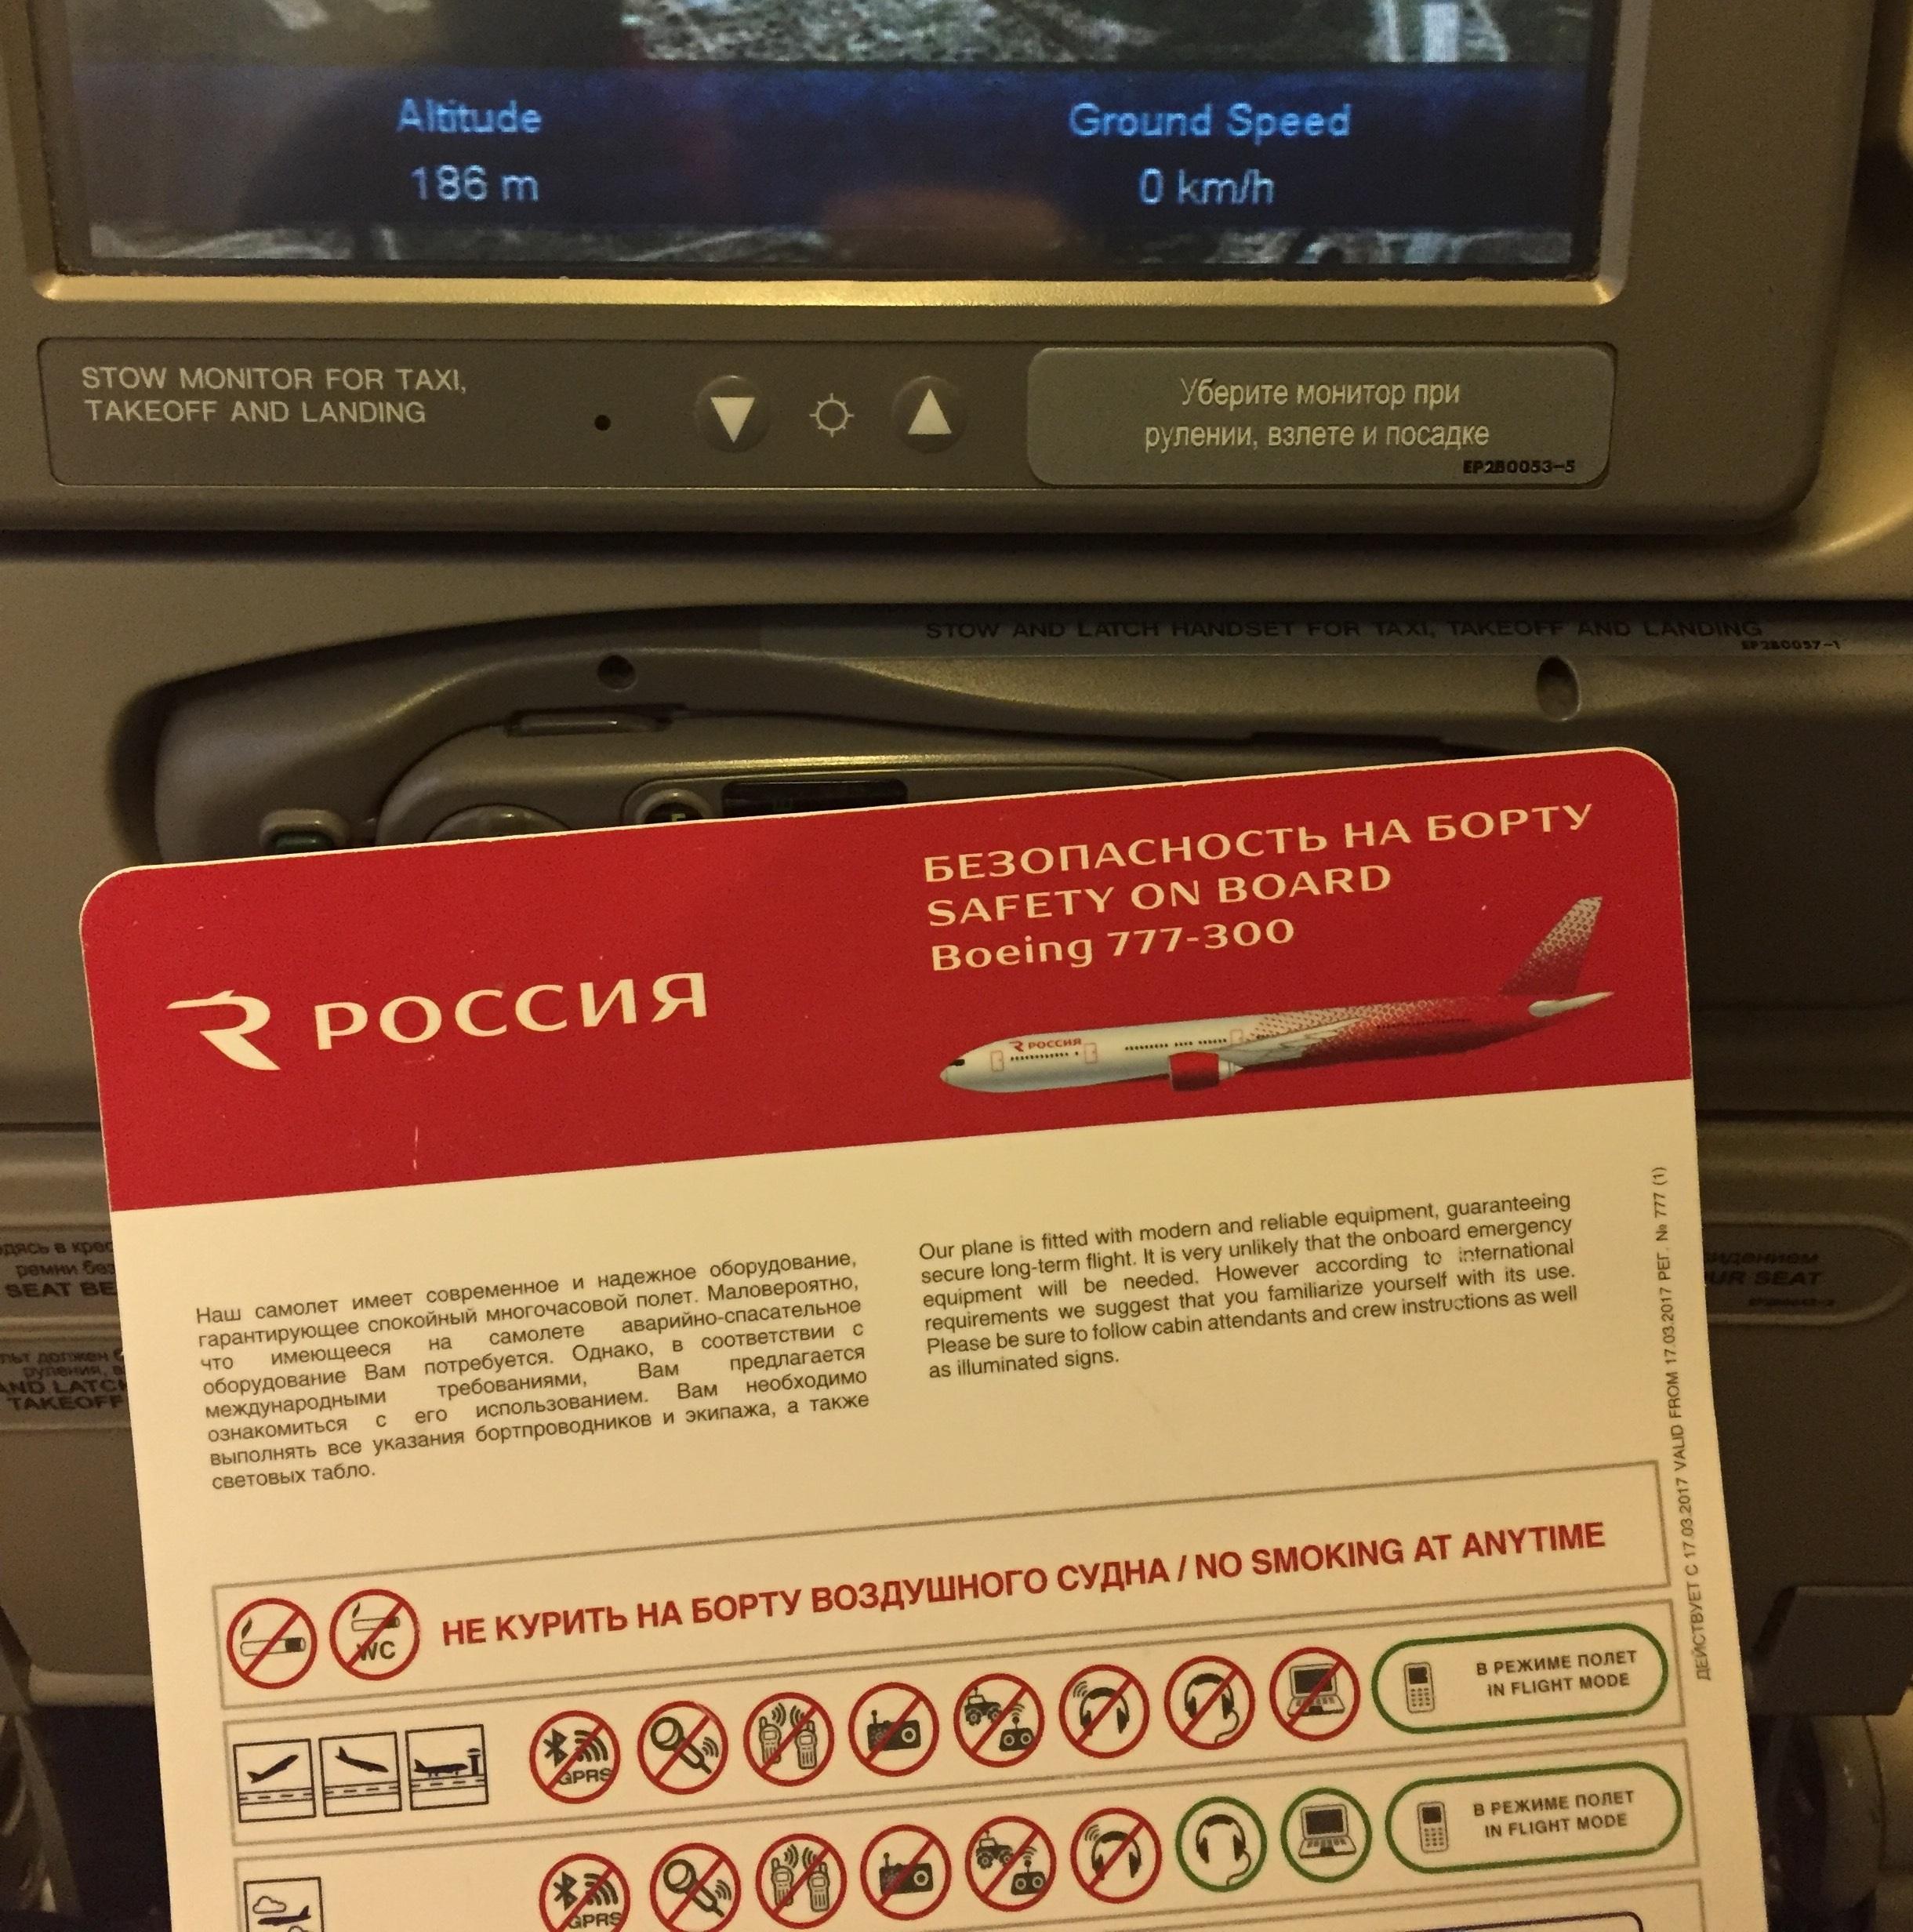 rossyia safety card.JPG